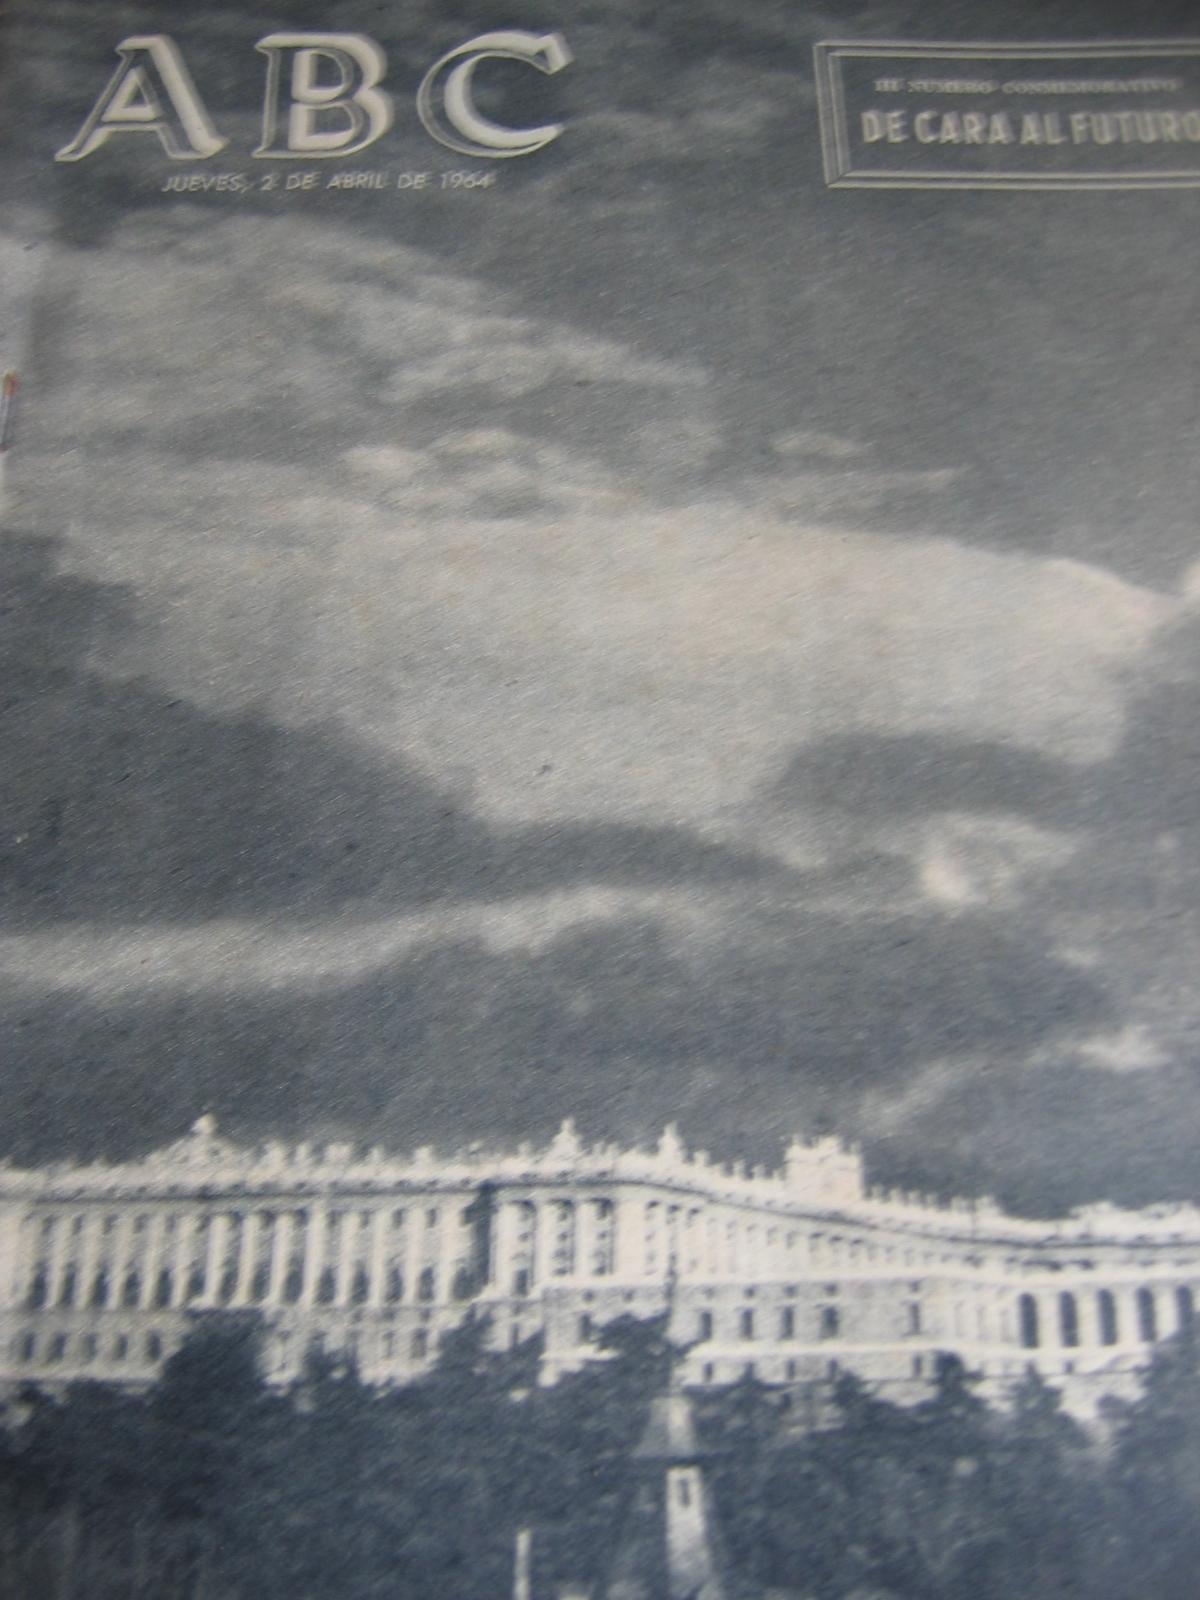 Coleccionismo de Los Domingos de ABC: ABC. AÑO 1.964. CONMEMORATIVOS DE LOS 25 AÑOS DEL FINAL DE LA GUERRA EN 1.939. - Foto 3 - 26330711